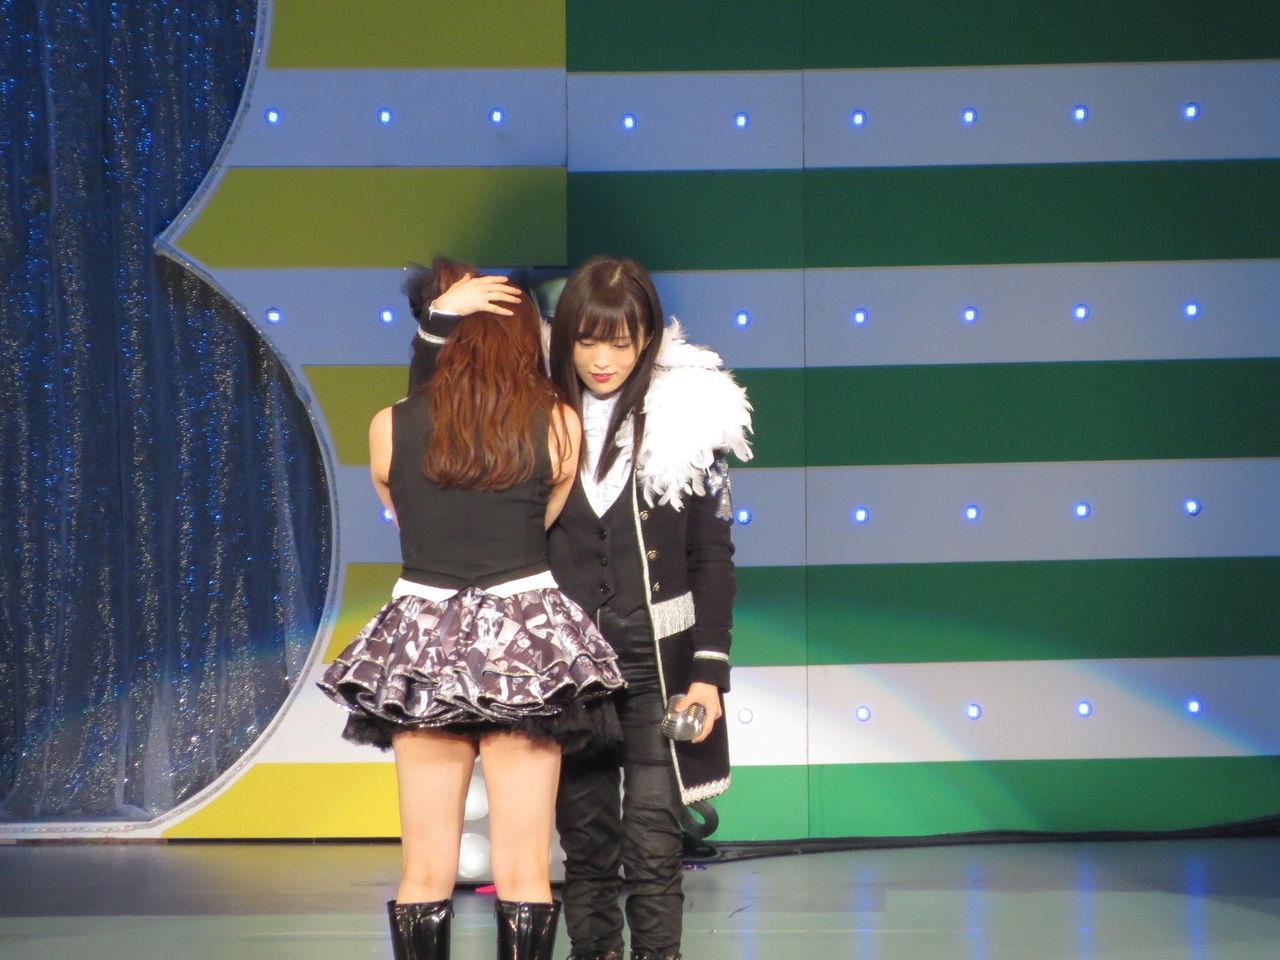 【NMB48 7周年】さや姉のプライオリティーきたぁああああああああああああああ